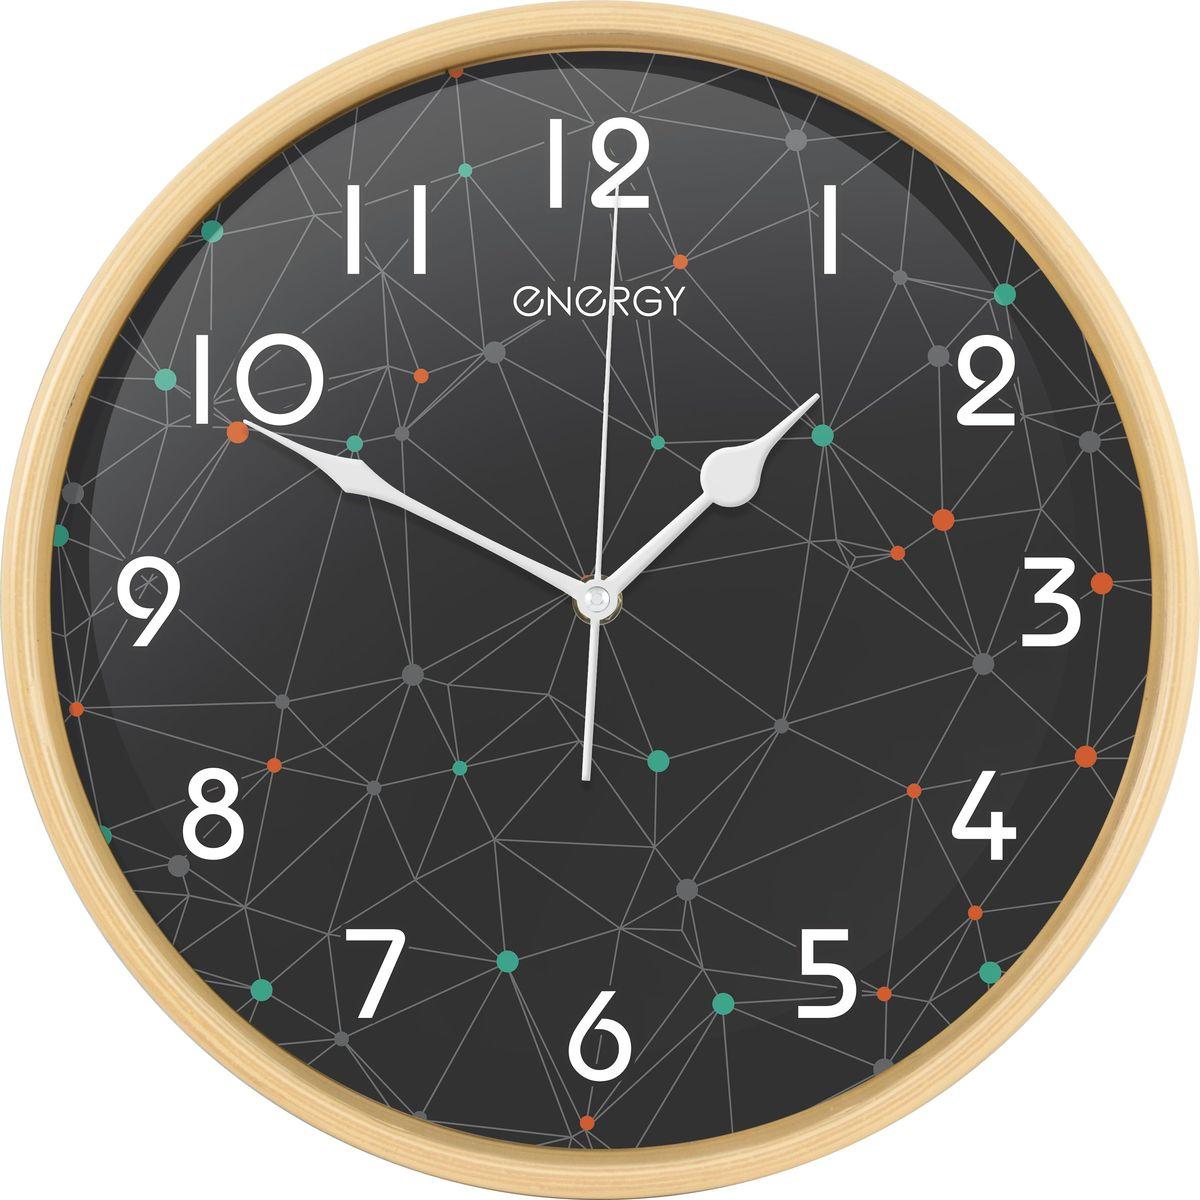 Energy ЕС-107 настенные часыЕС-107Настенные кварцевые часы с плавным ходом Energy ЕС-107 имеют оригинальный яркий дизайн и поэтому подойдутдля вашего дома или офиса, декорированного в подобном стиле. Крупные цифры белого цвета отличноразличимы даже в условиях плохого освещения. Питание осуществляется от 1 батарейки типа АА (в комплект невходит).Размер 32 см х 4,5 см